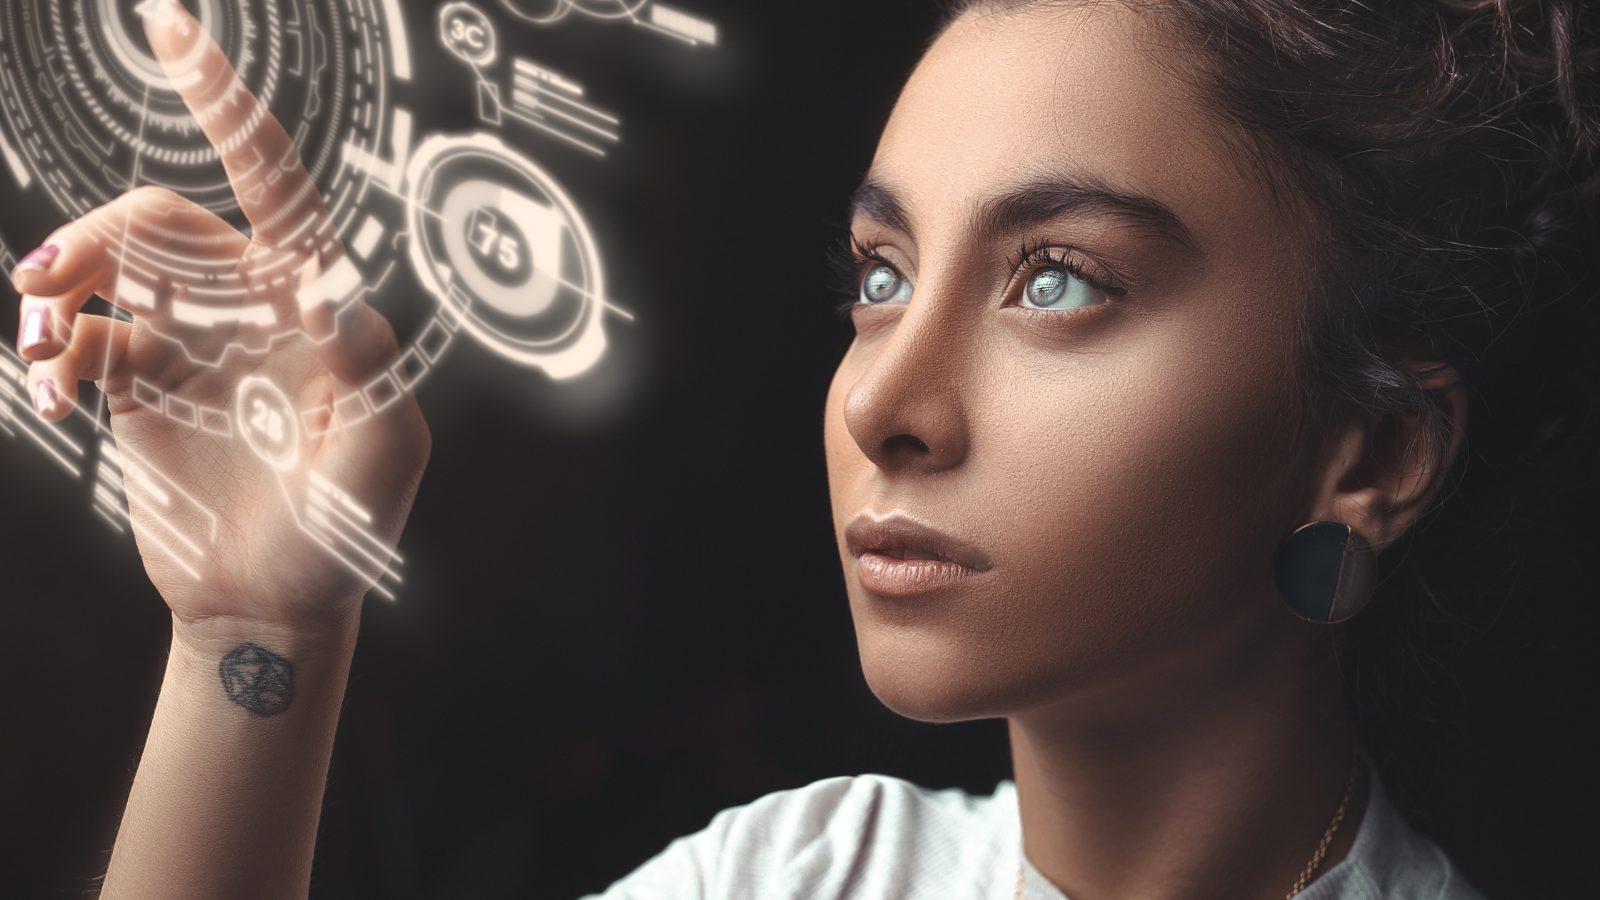 Apple、AIにアプリを試させてUI/UXをテスト【AI×デザイン】(論文解説)